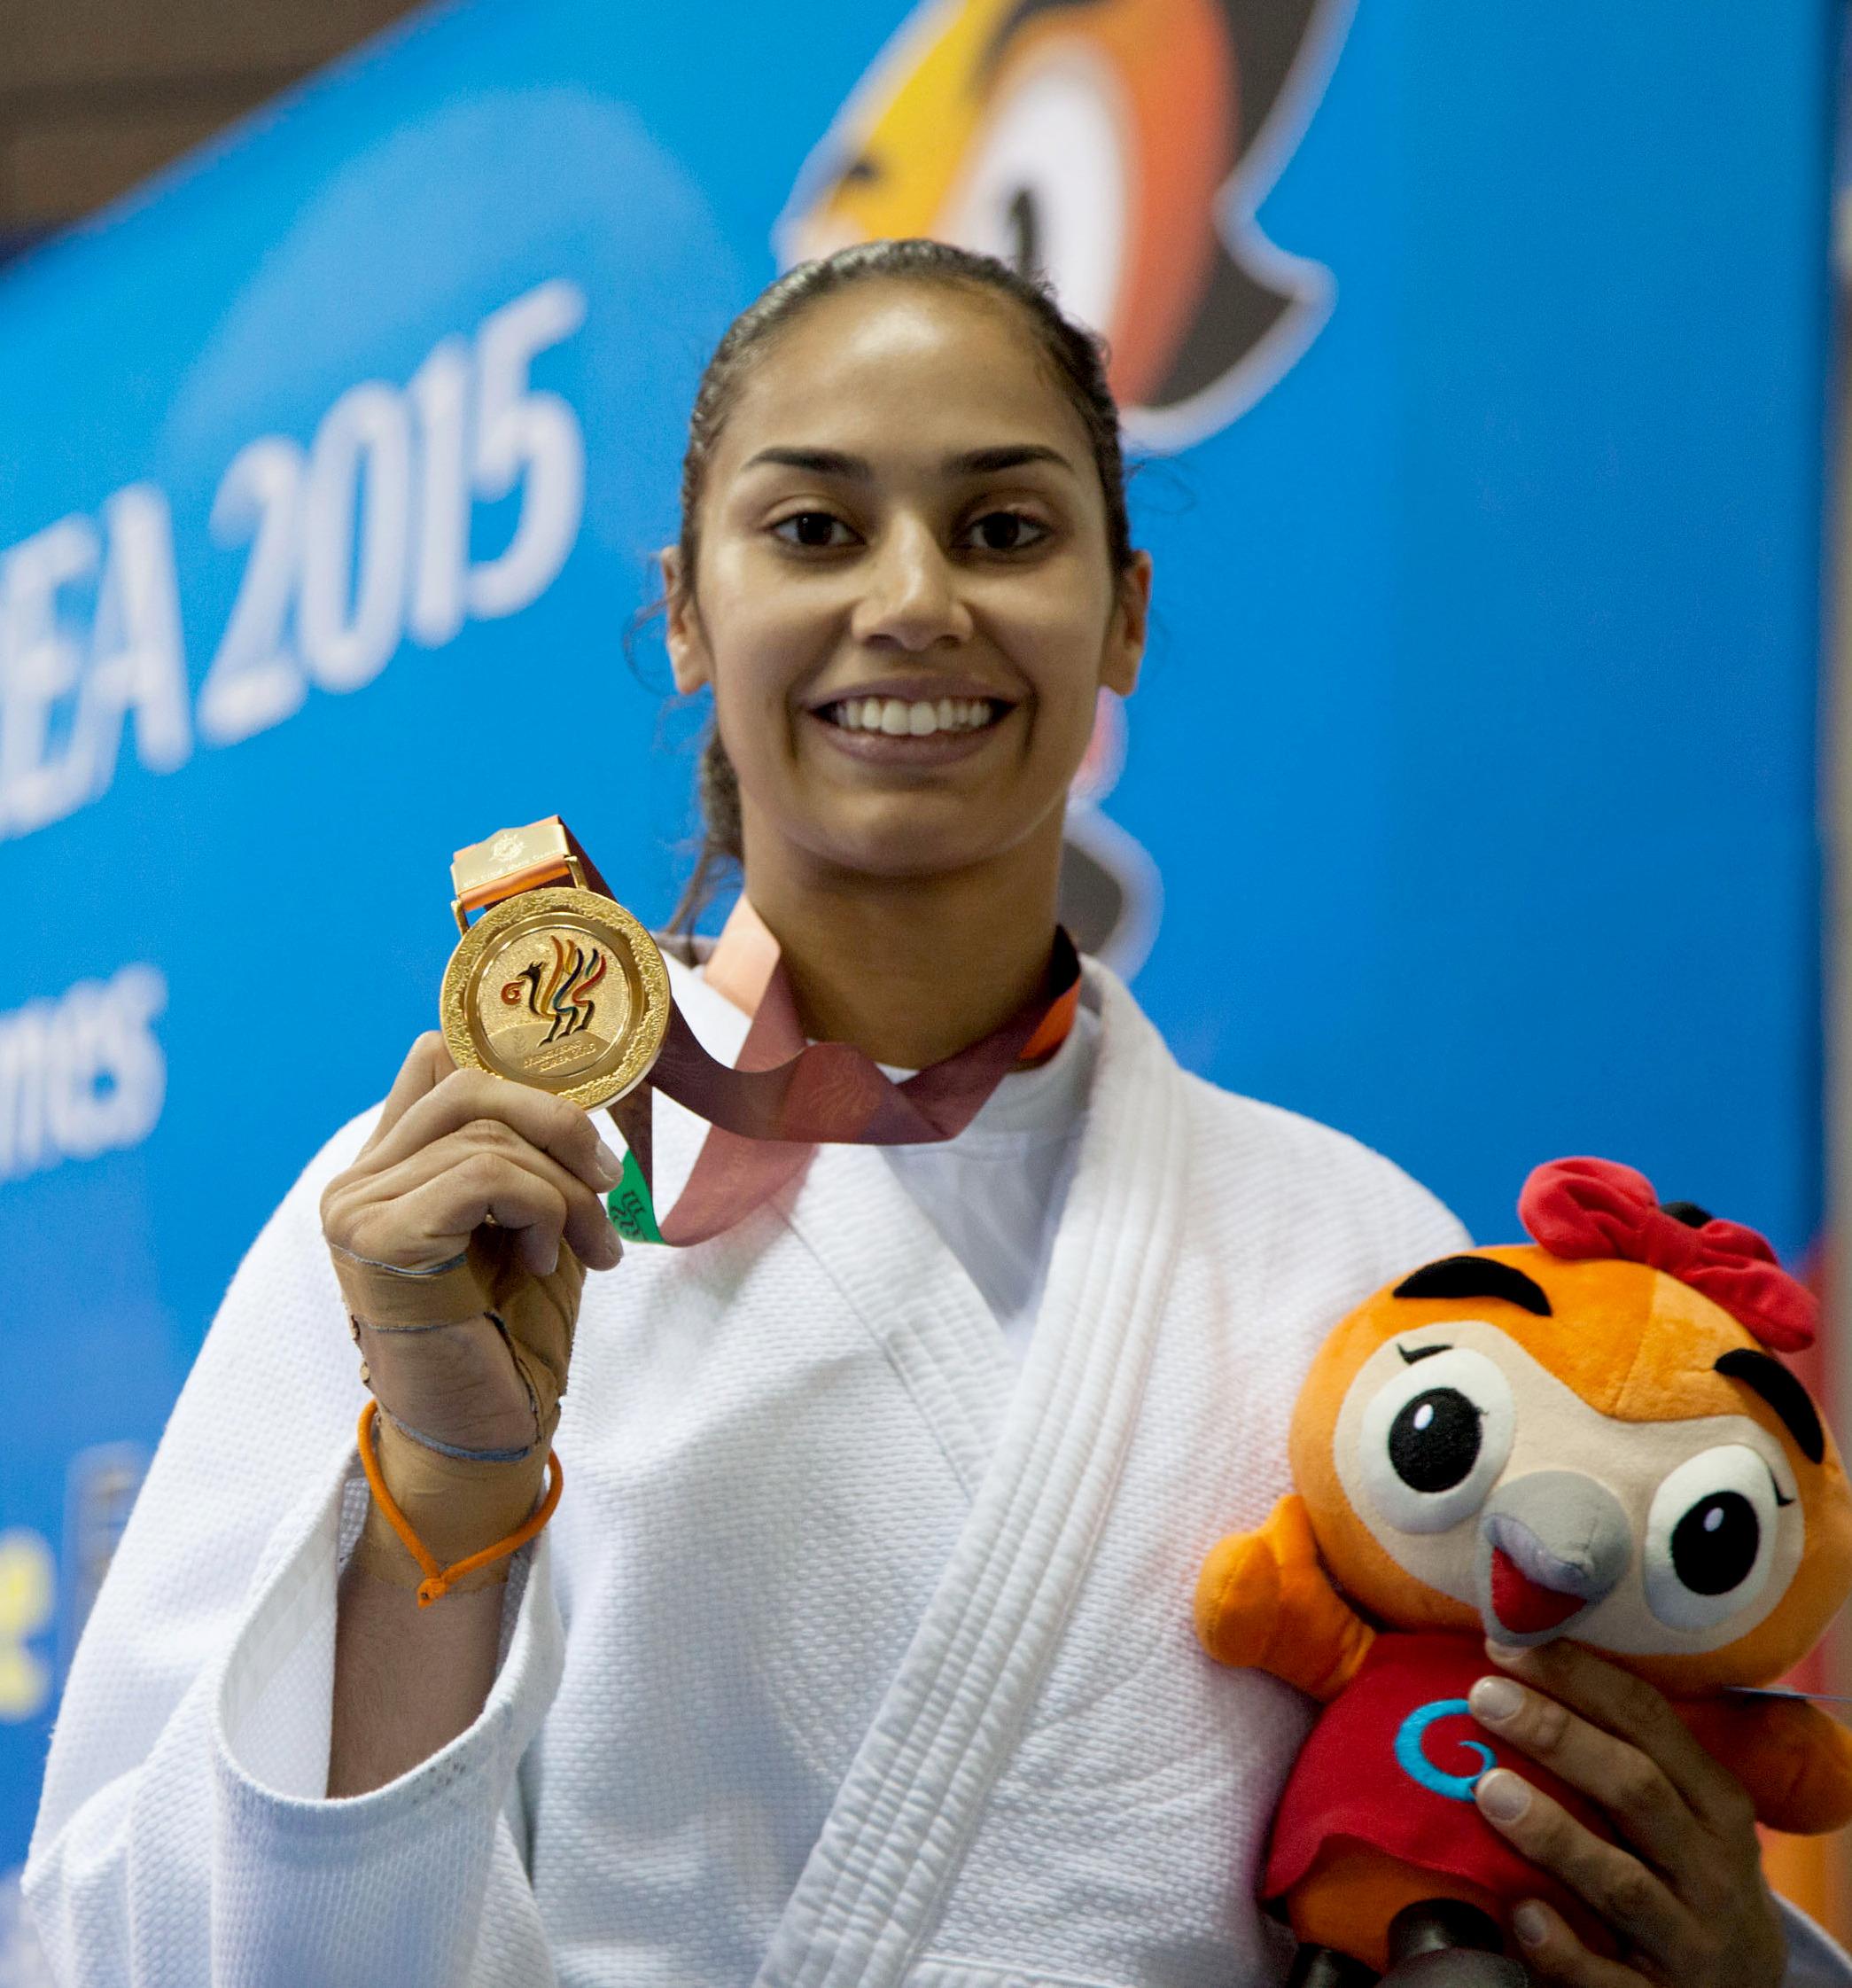 Silva at the [[2015 Military World Games]]